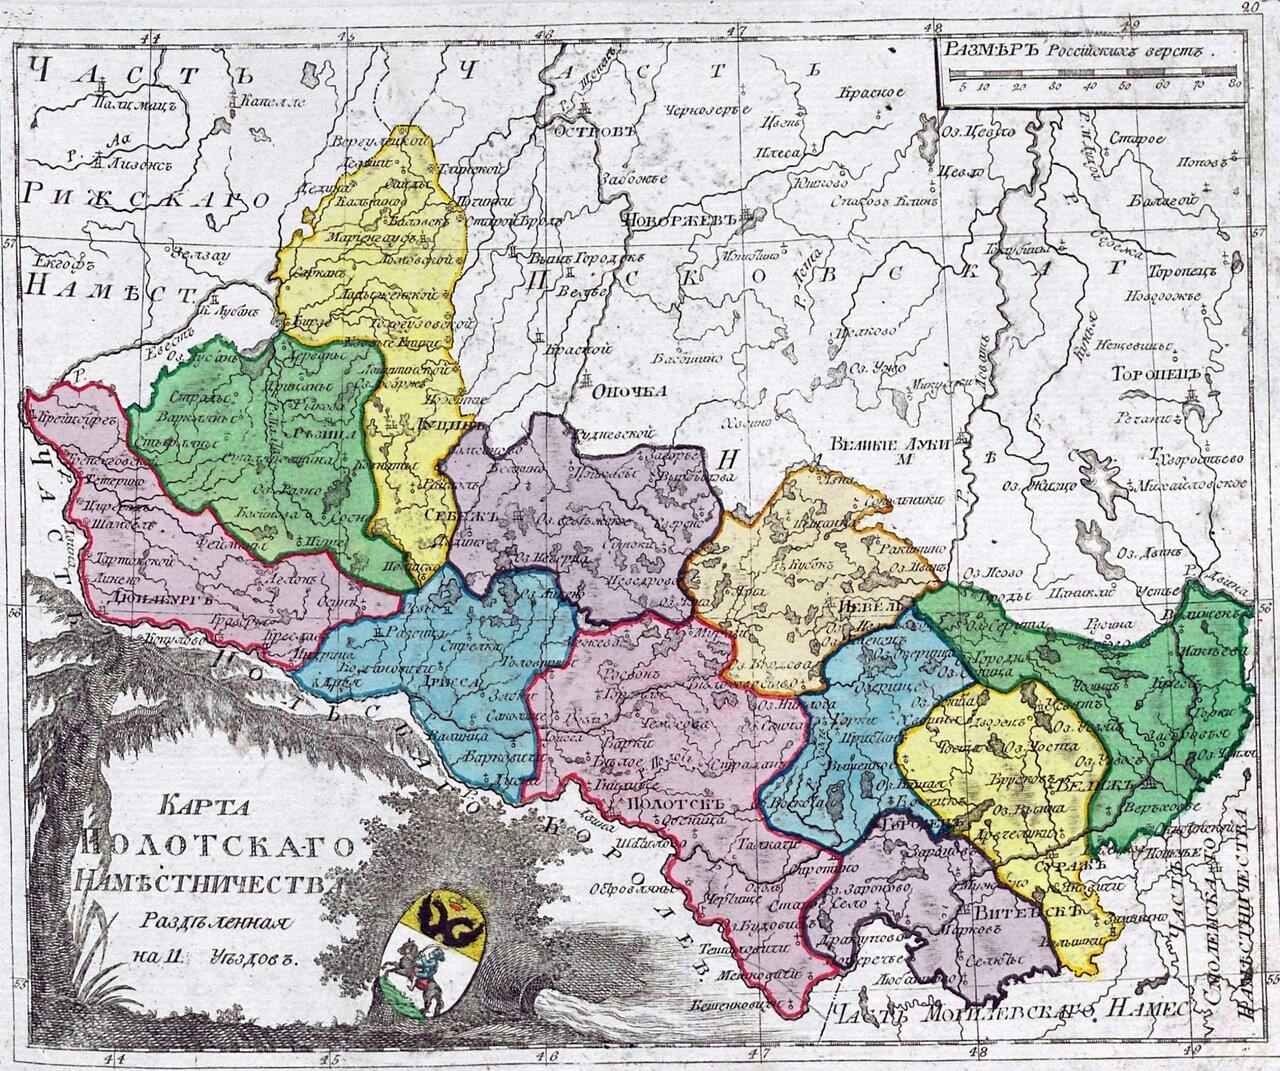 1796. Полоцкое наместничество